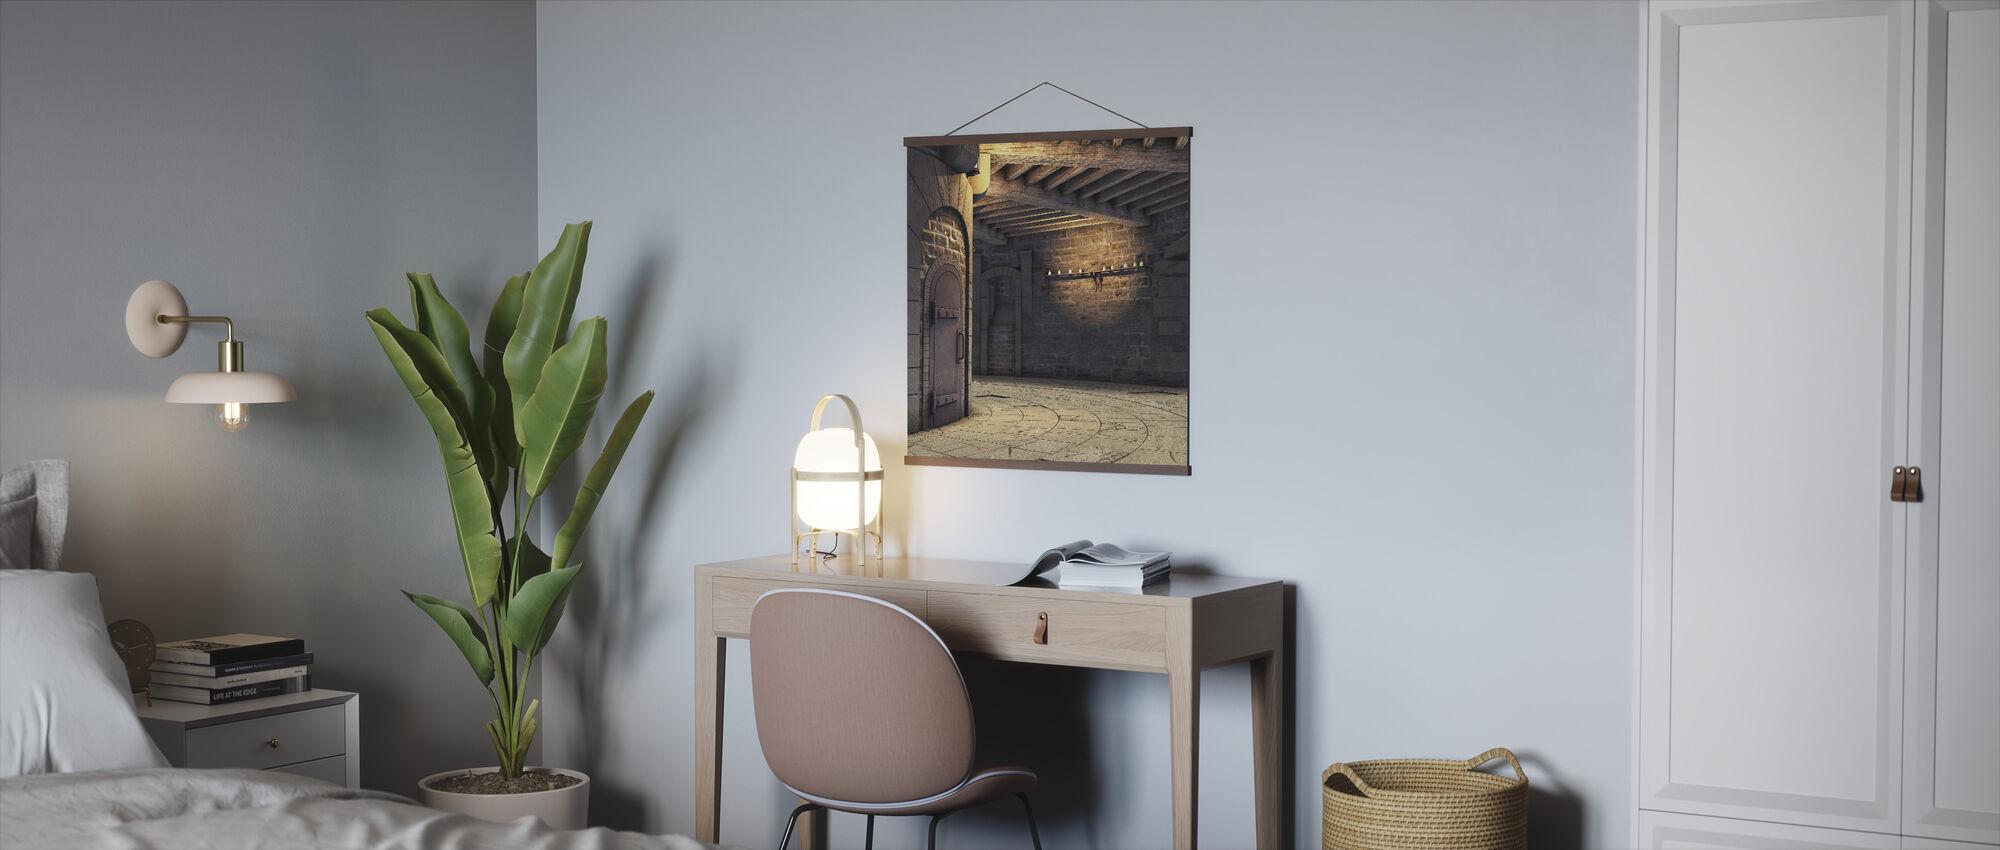 Tornet Rotunda - Poster - Kontor